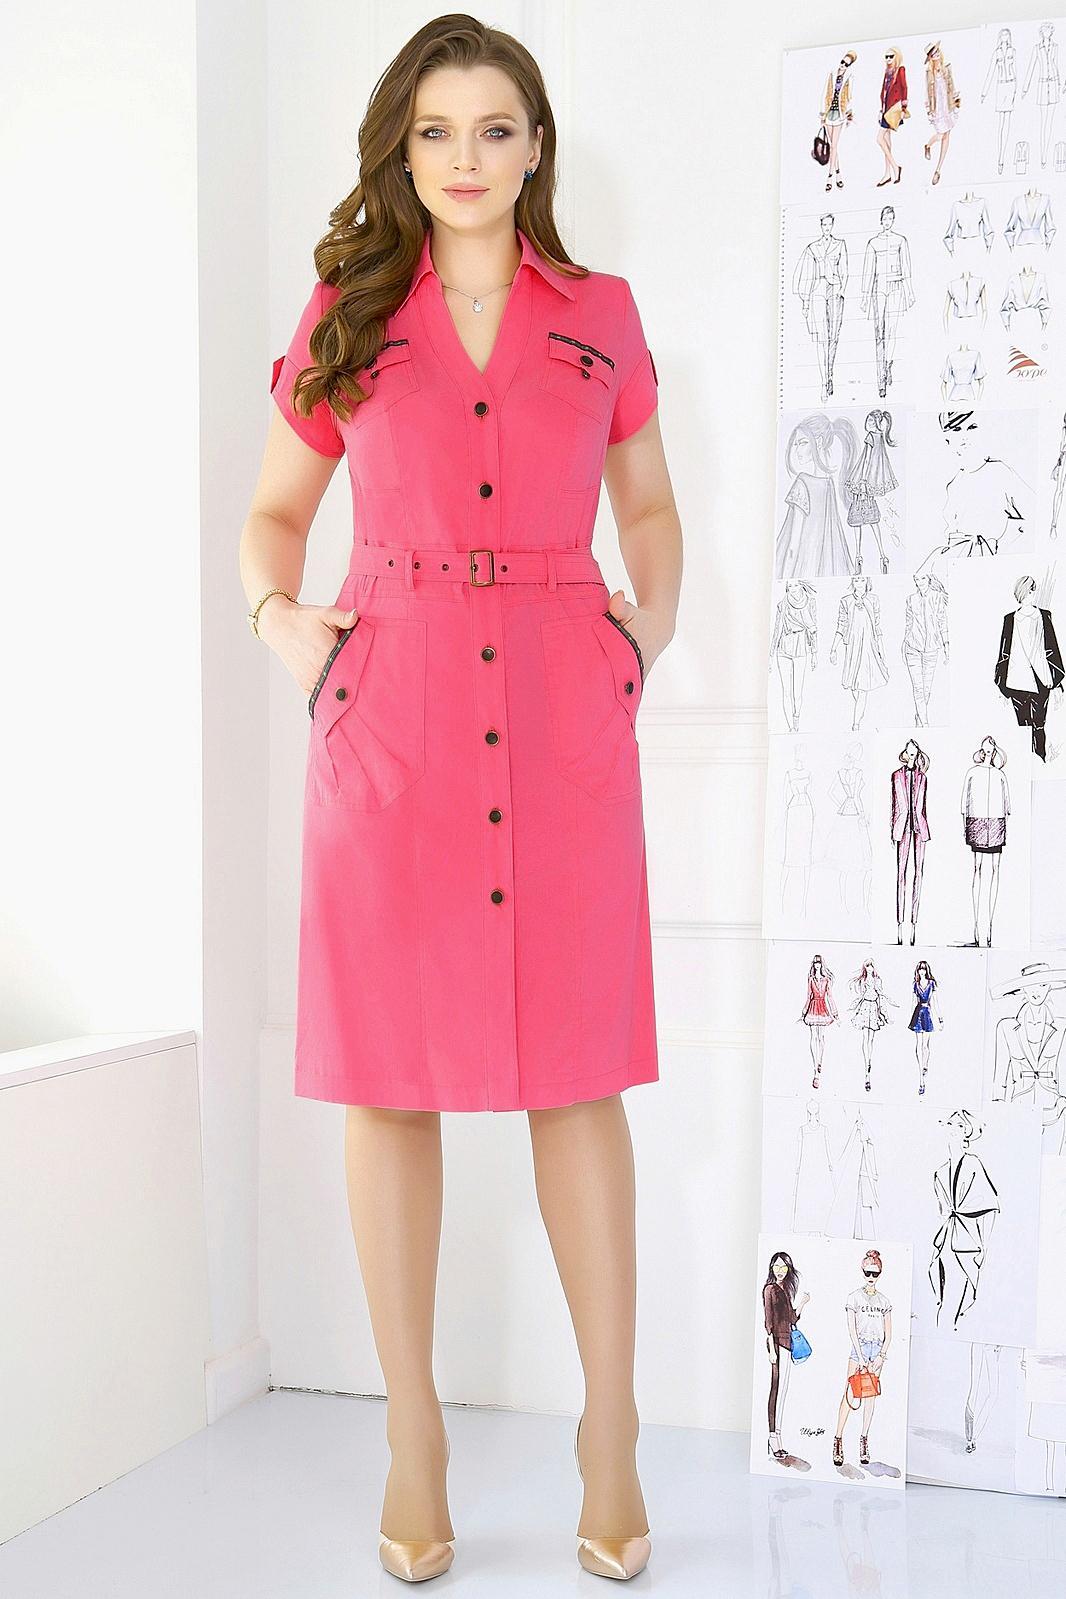 adab779d75d0 Купить летнее платье в интернет-магазине в Минске, недорого